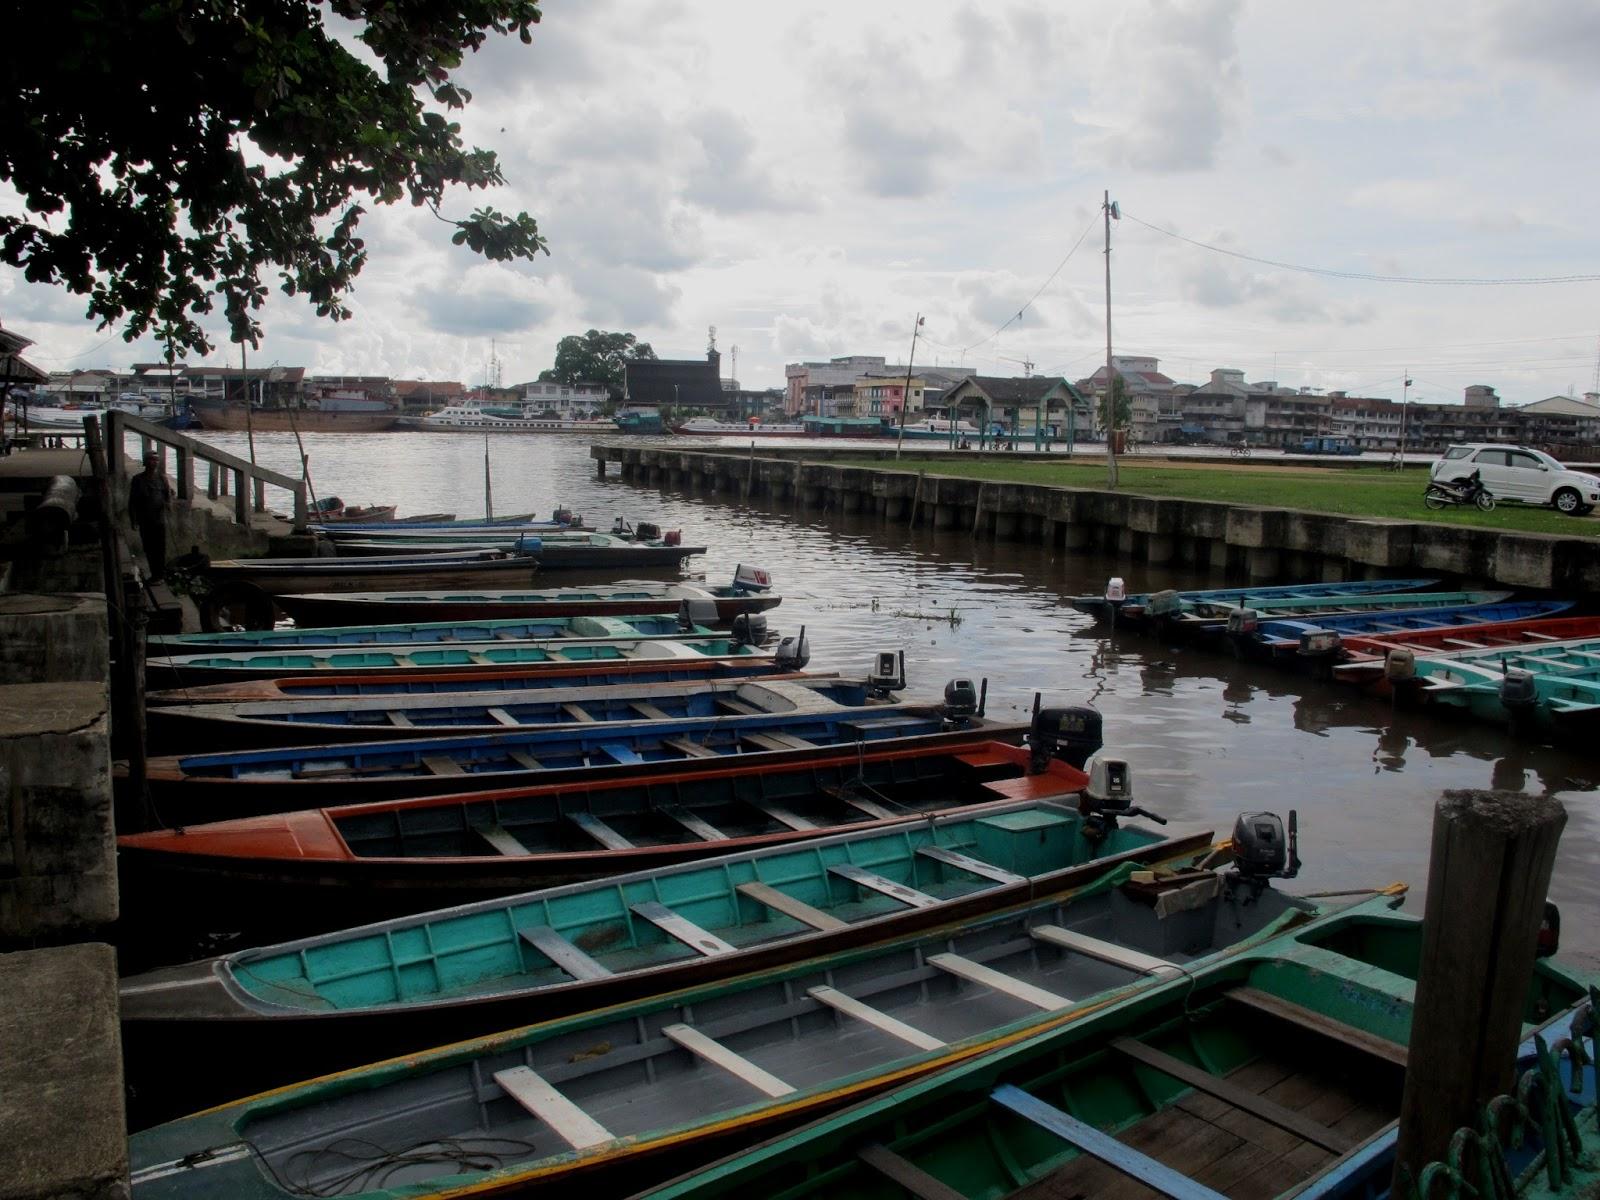 Pontianak Kota Katulistiwa Seribu Langkah Travel Diary Tary Dikenal Nama